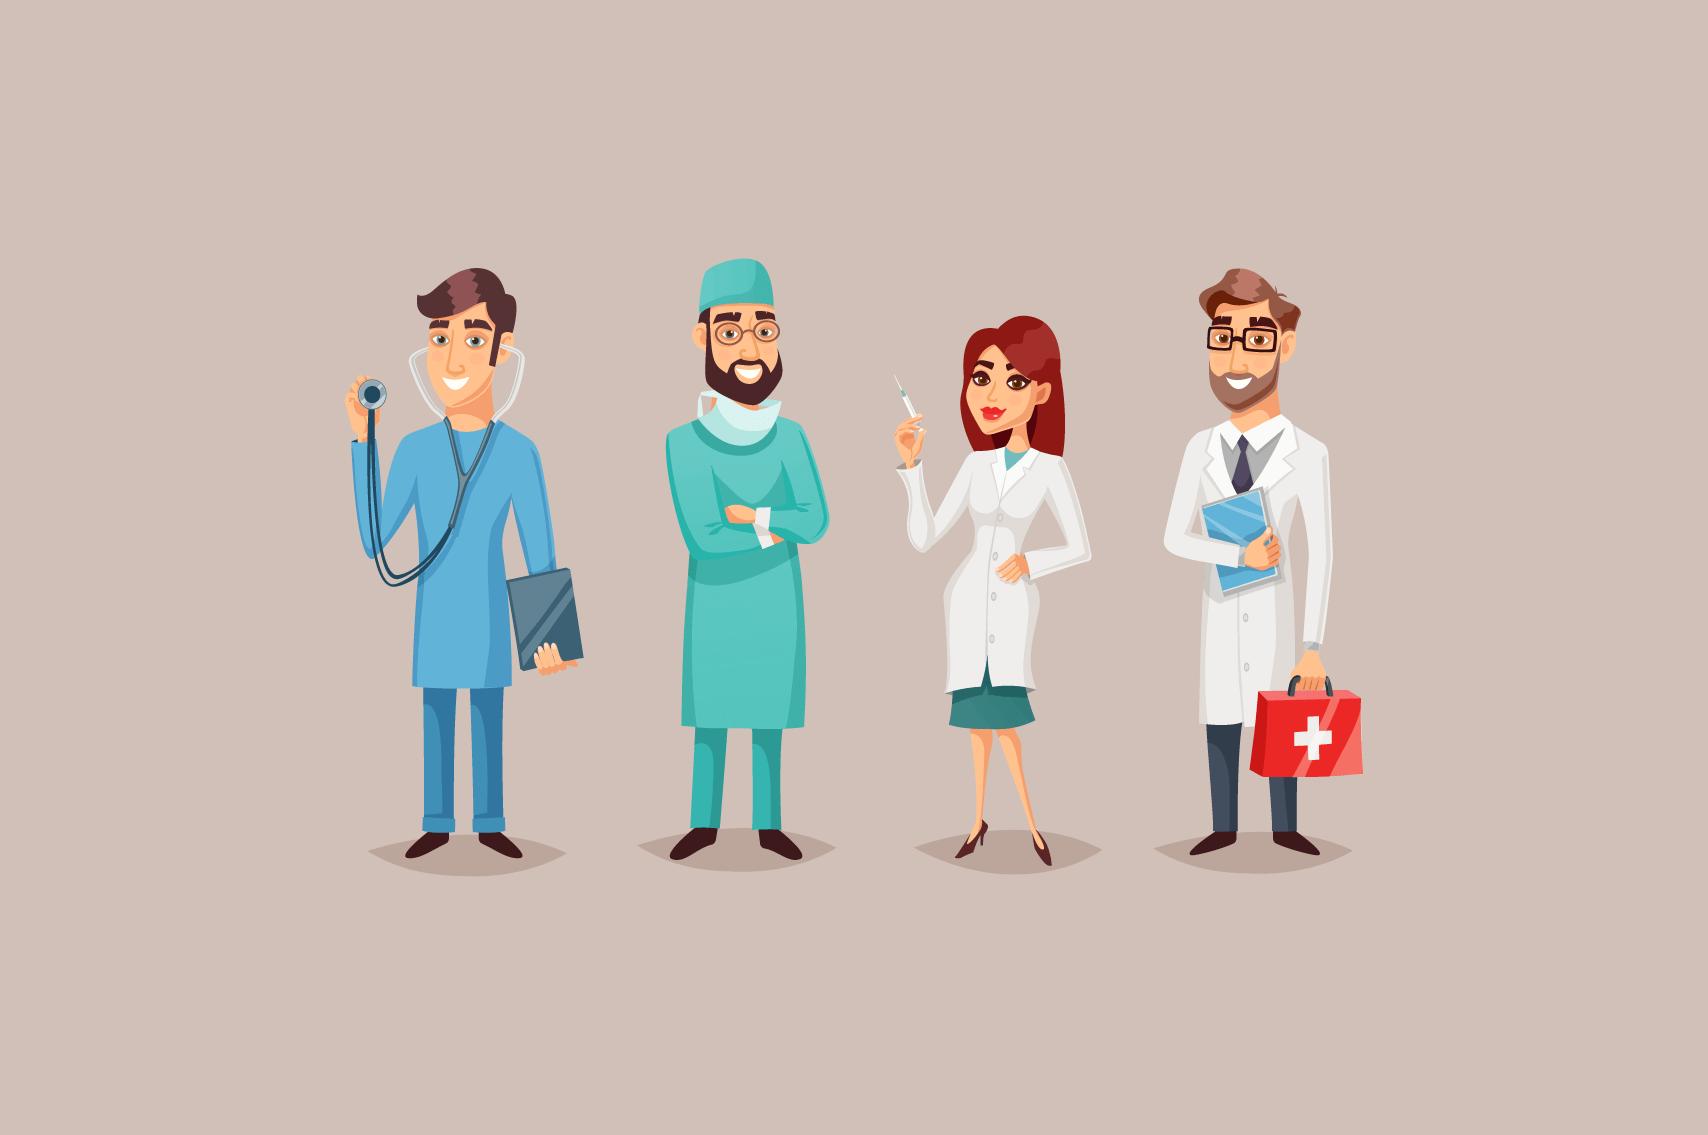 Seguro de Responsabilidade Civil para Profissionais da Área da Saúde - saiba como o Seguro pode Proteger Médicos e Dentistas